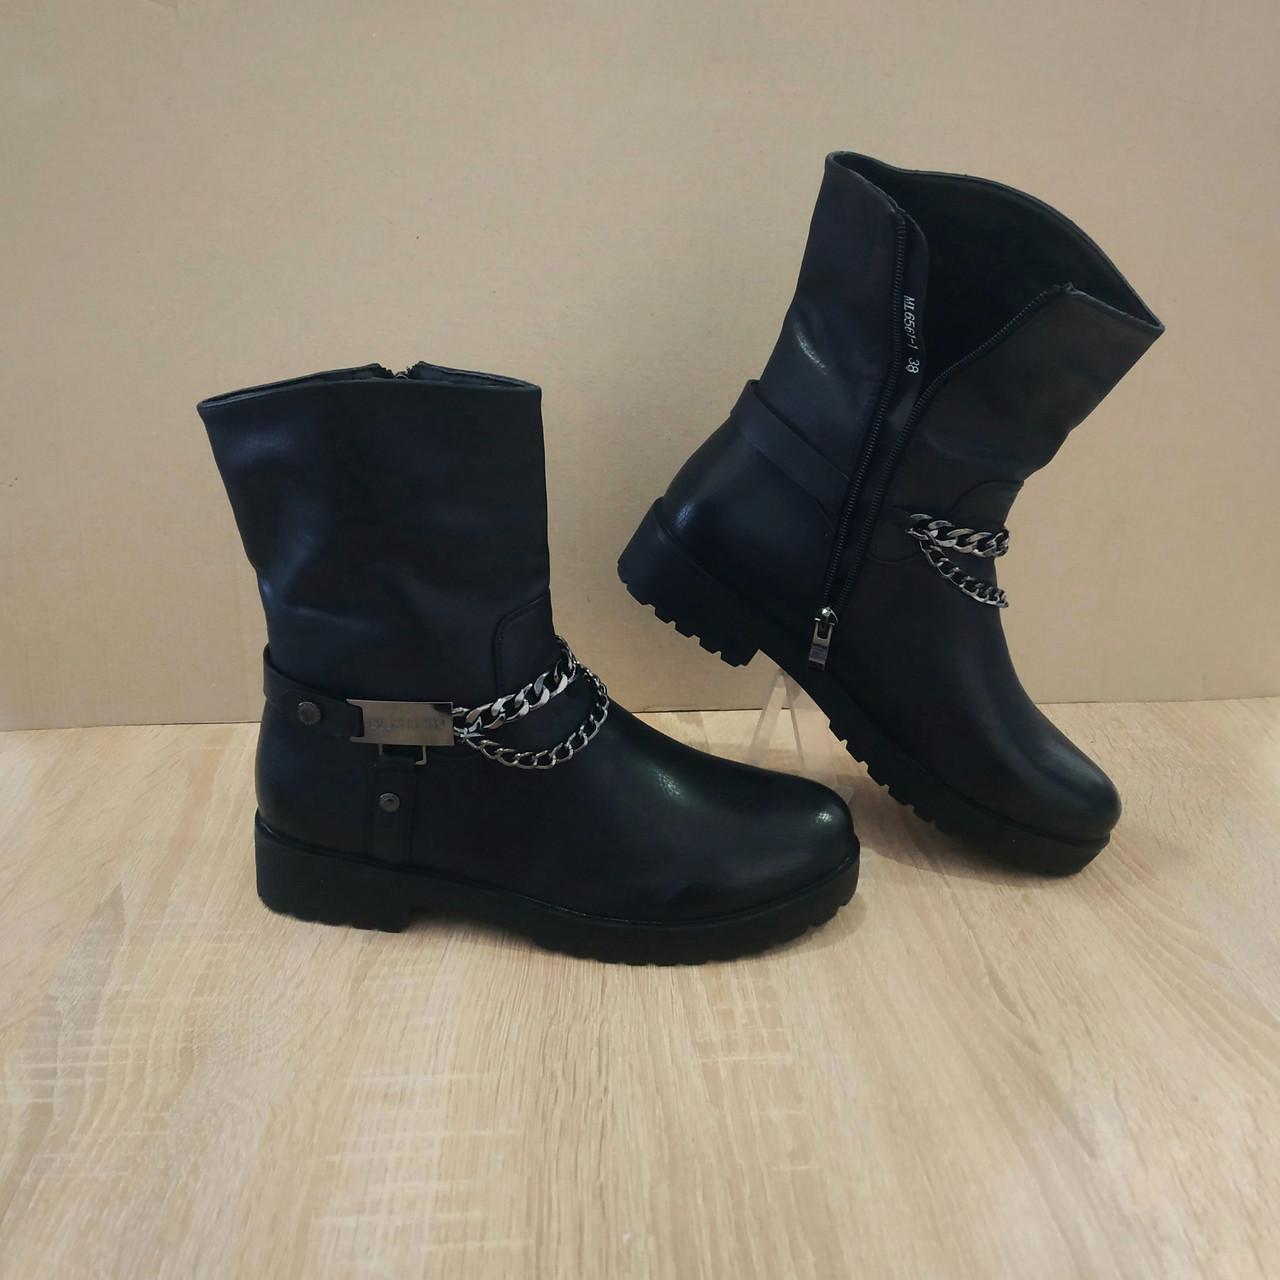 Стильні чорні жіночі теплі черевики півчобітки чобітки еко - шкіра з ланцюгом ЗИМА 36р-41р